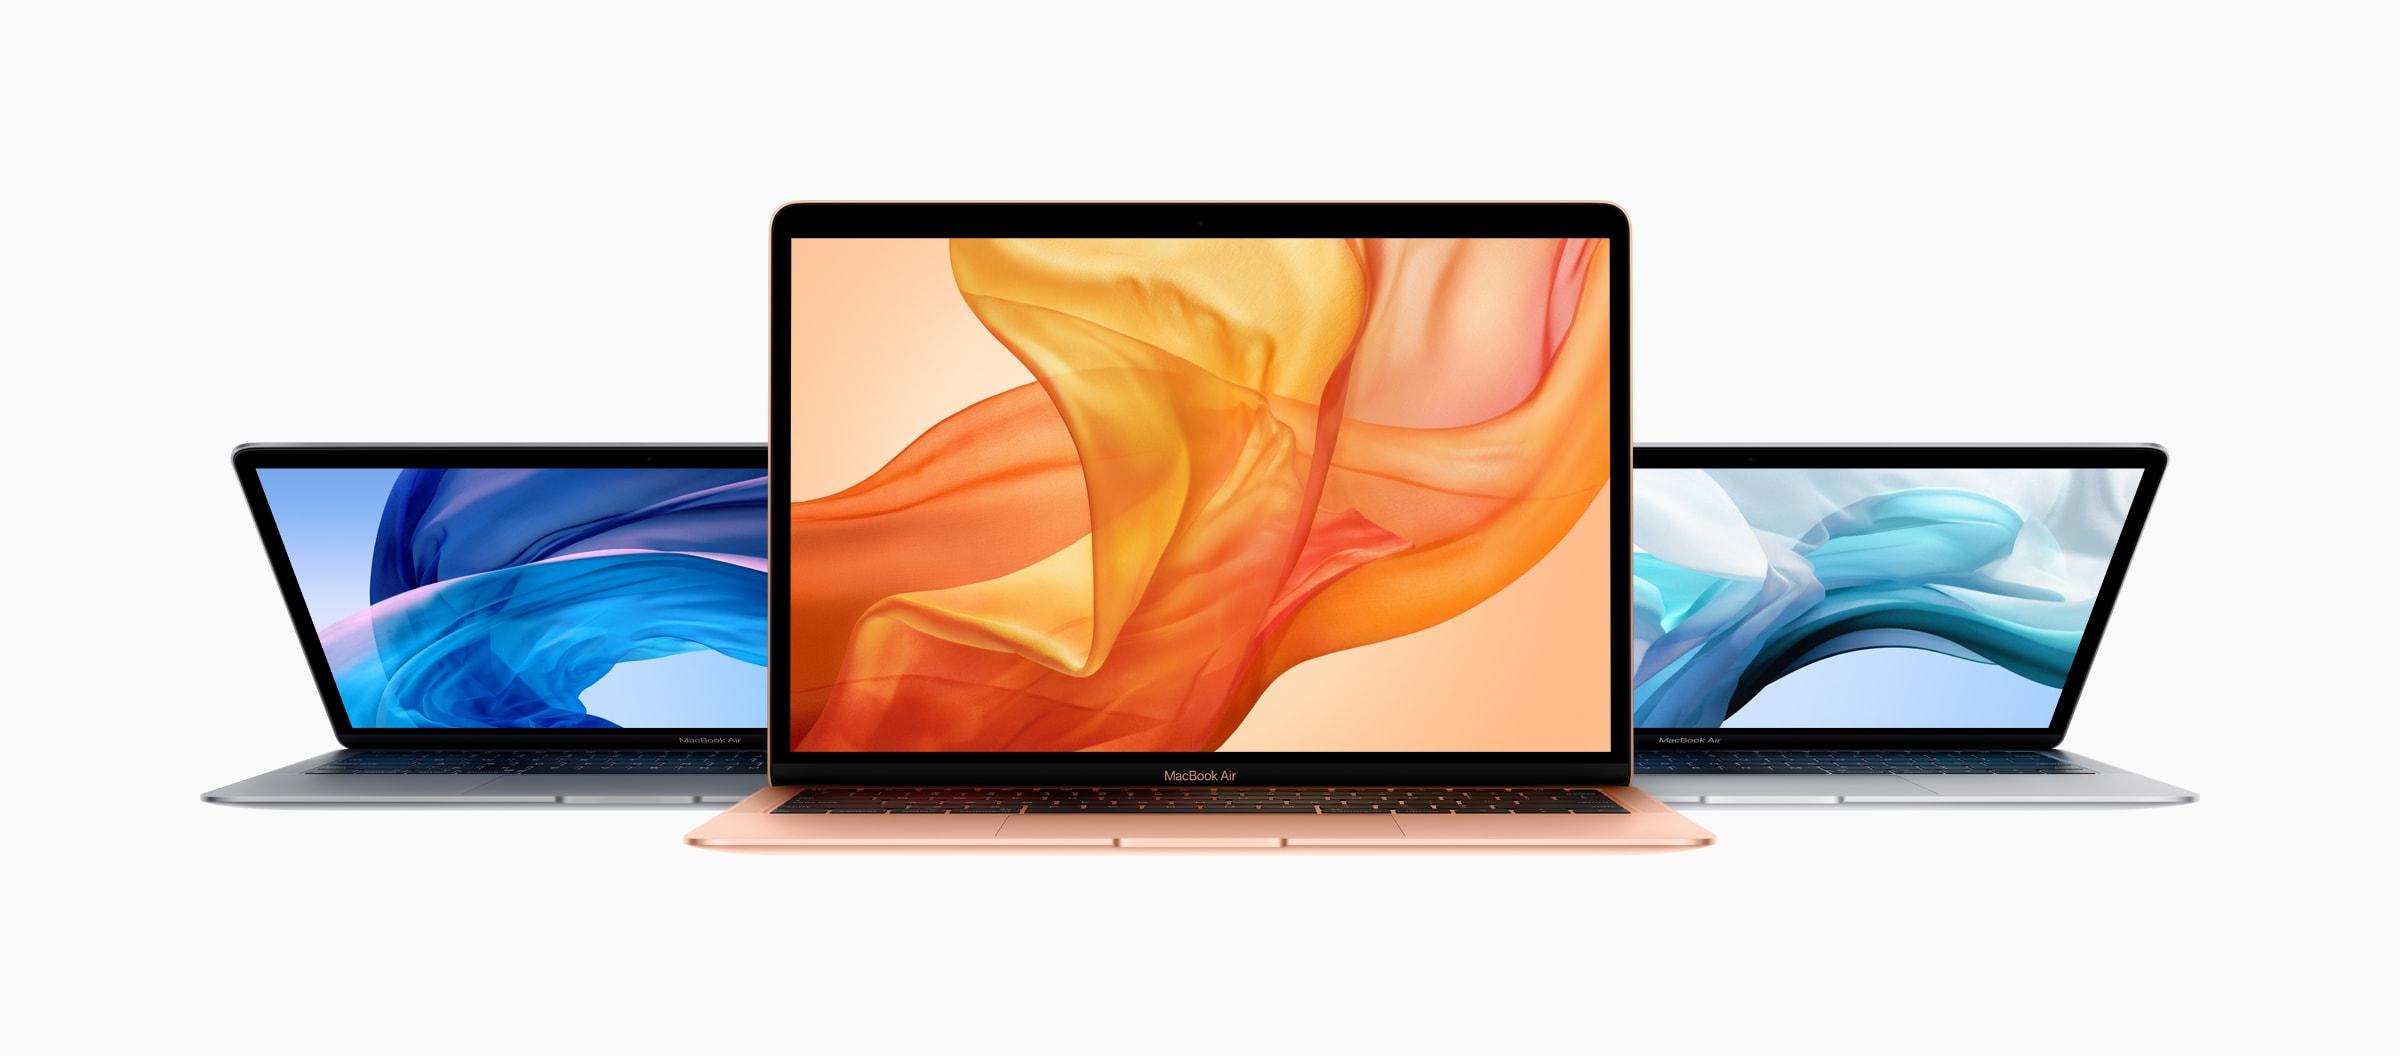 Família do novo MacBook Air com as três cores